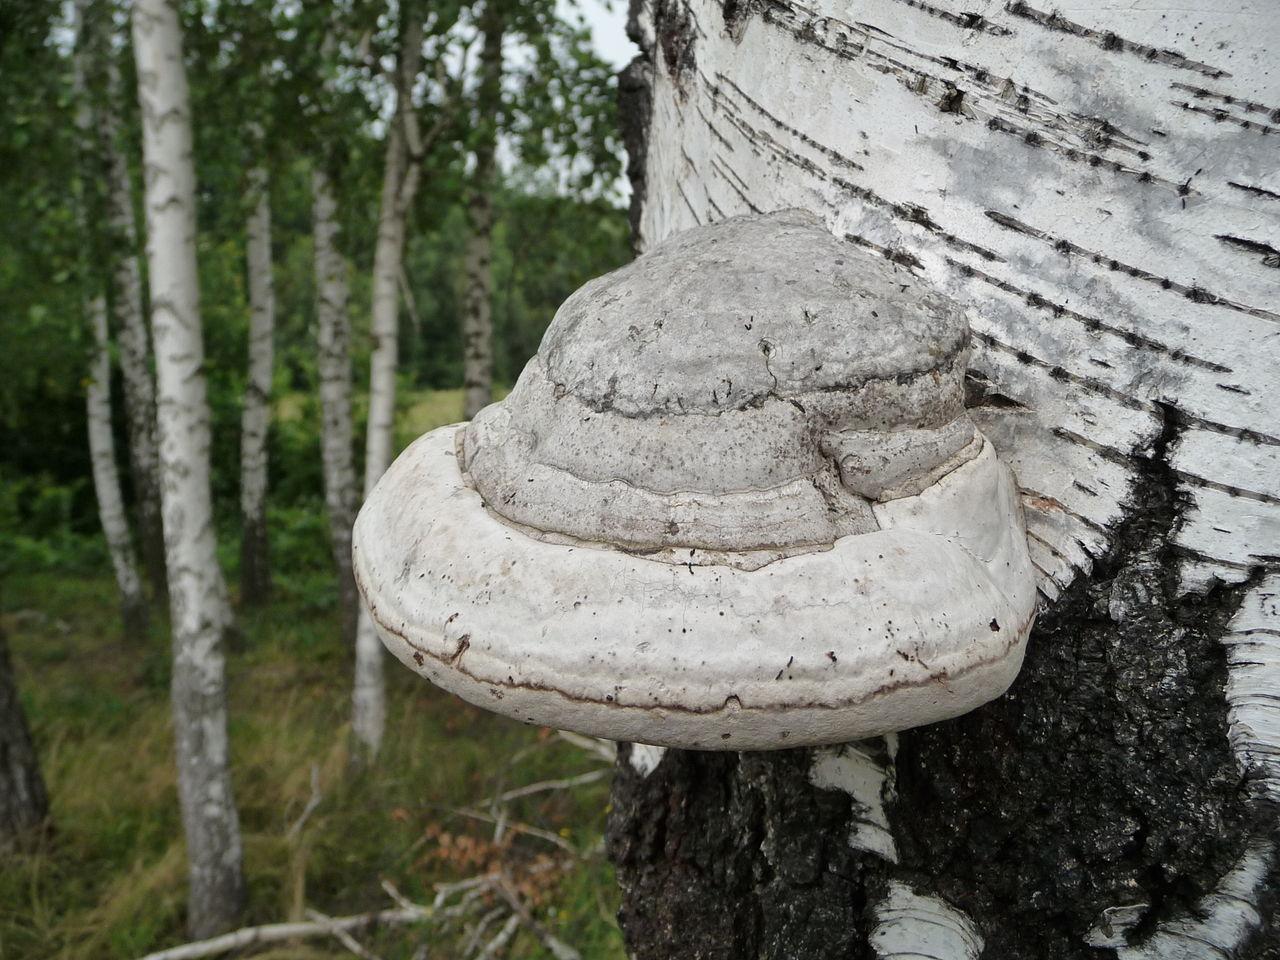 трутовый гриб настоящий